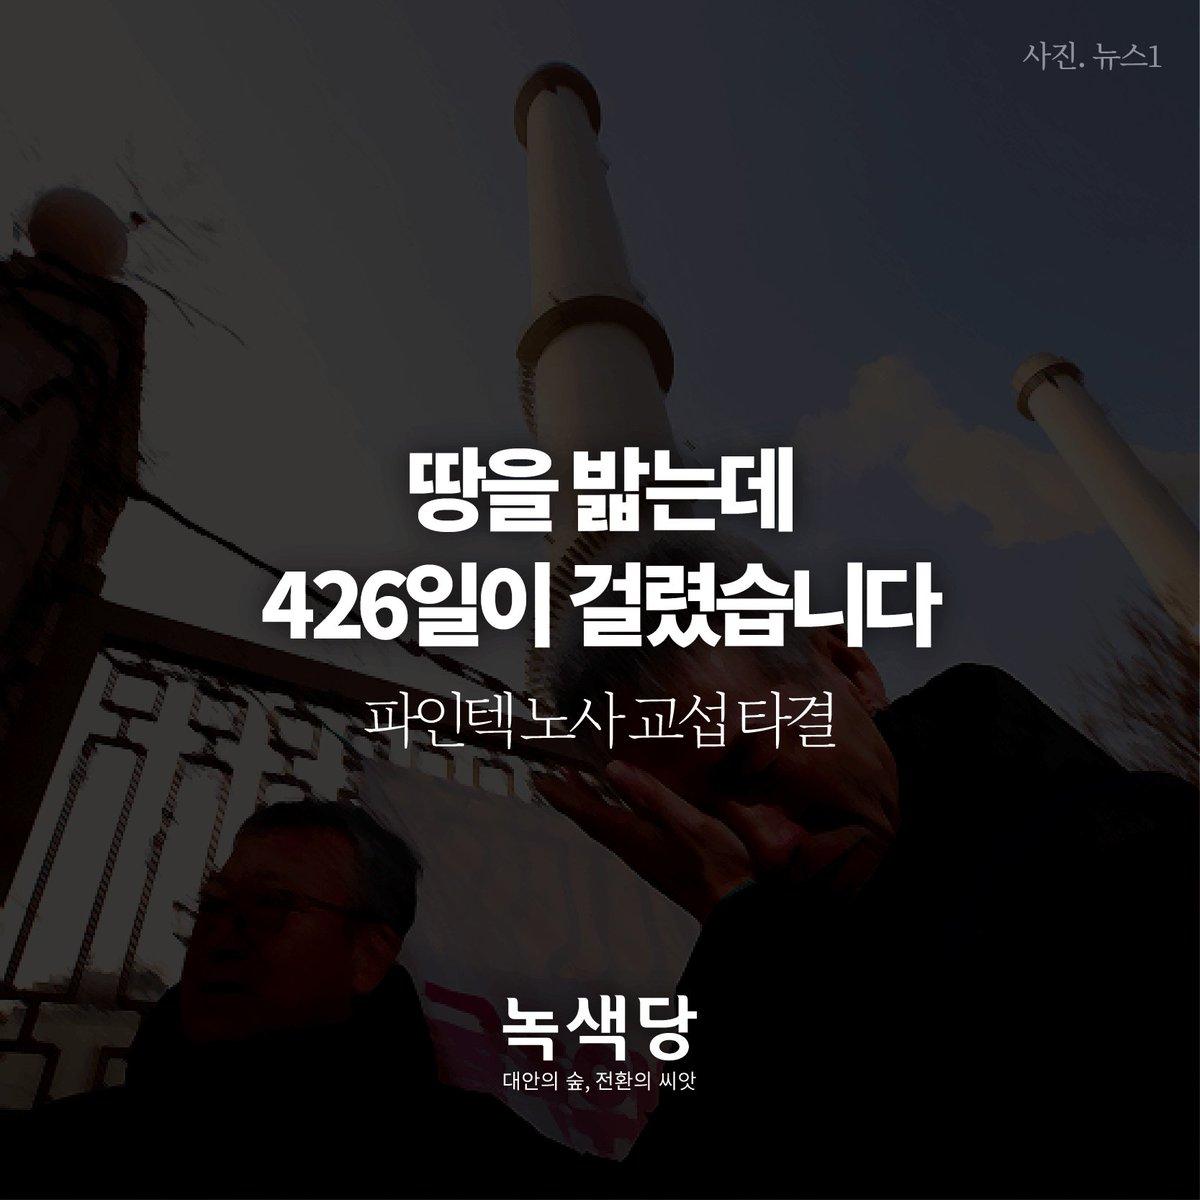 녹색당's photo on 박준호